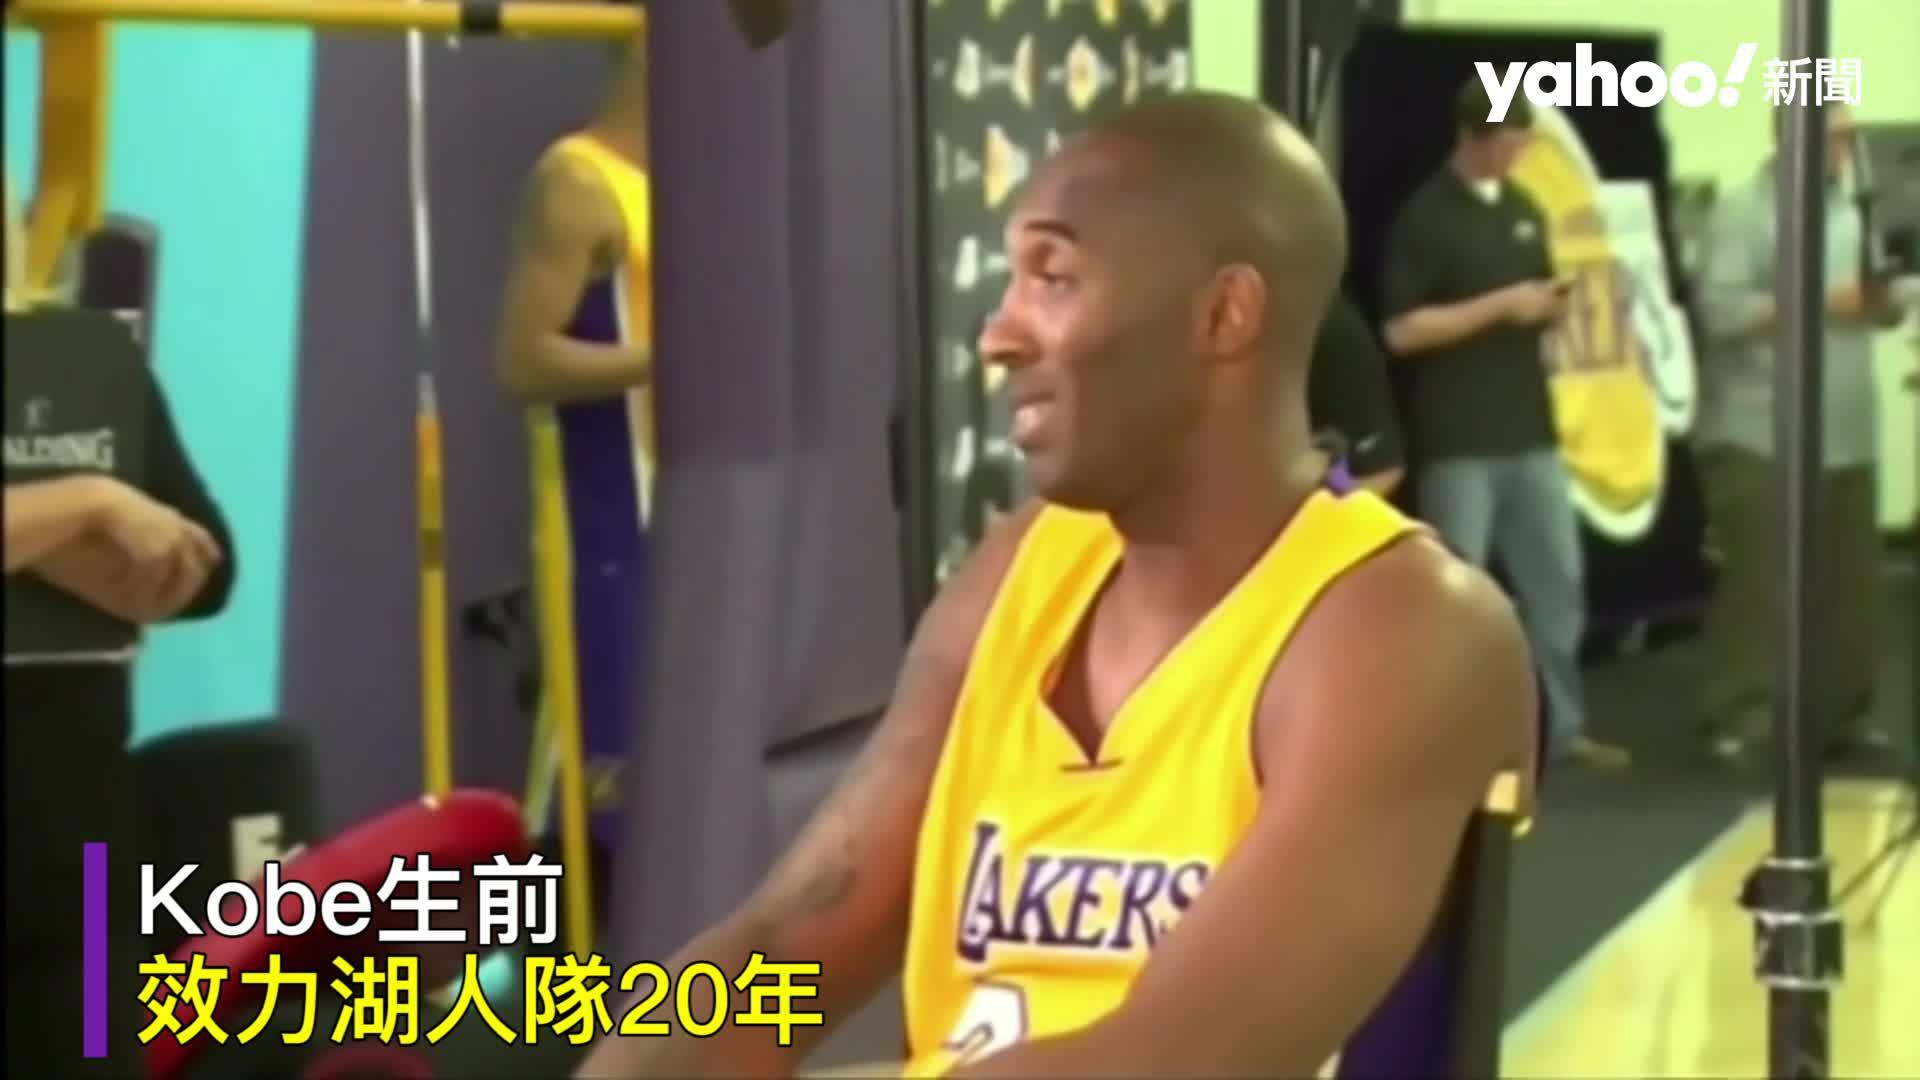 小飛俠Kobe傳奇最終戰親簽地板拍賣 估上看1400萬